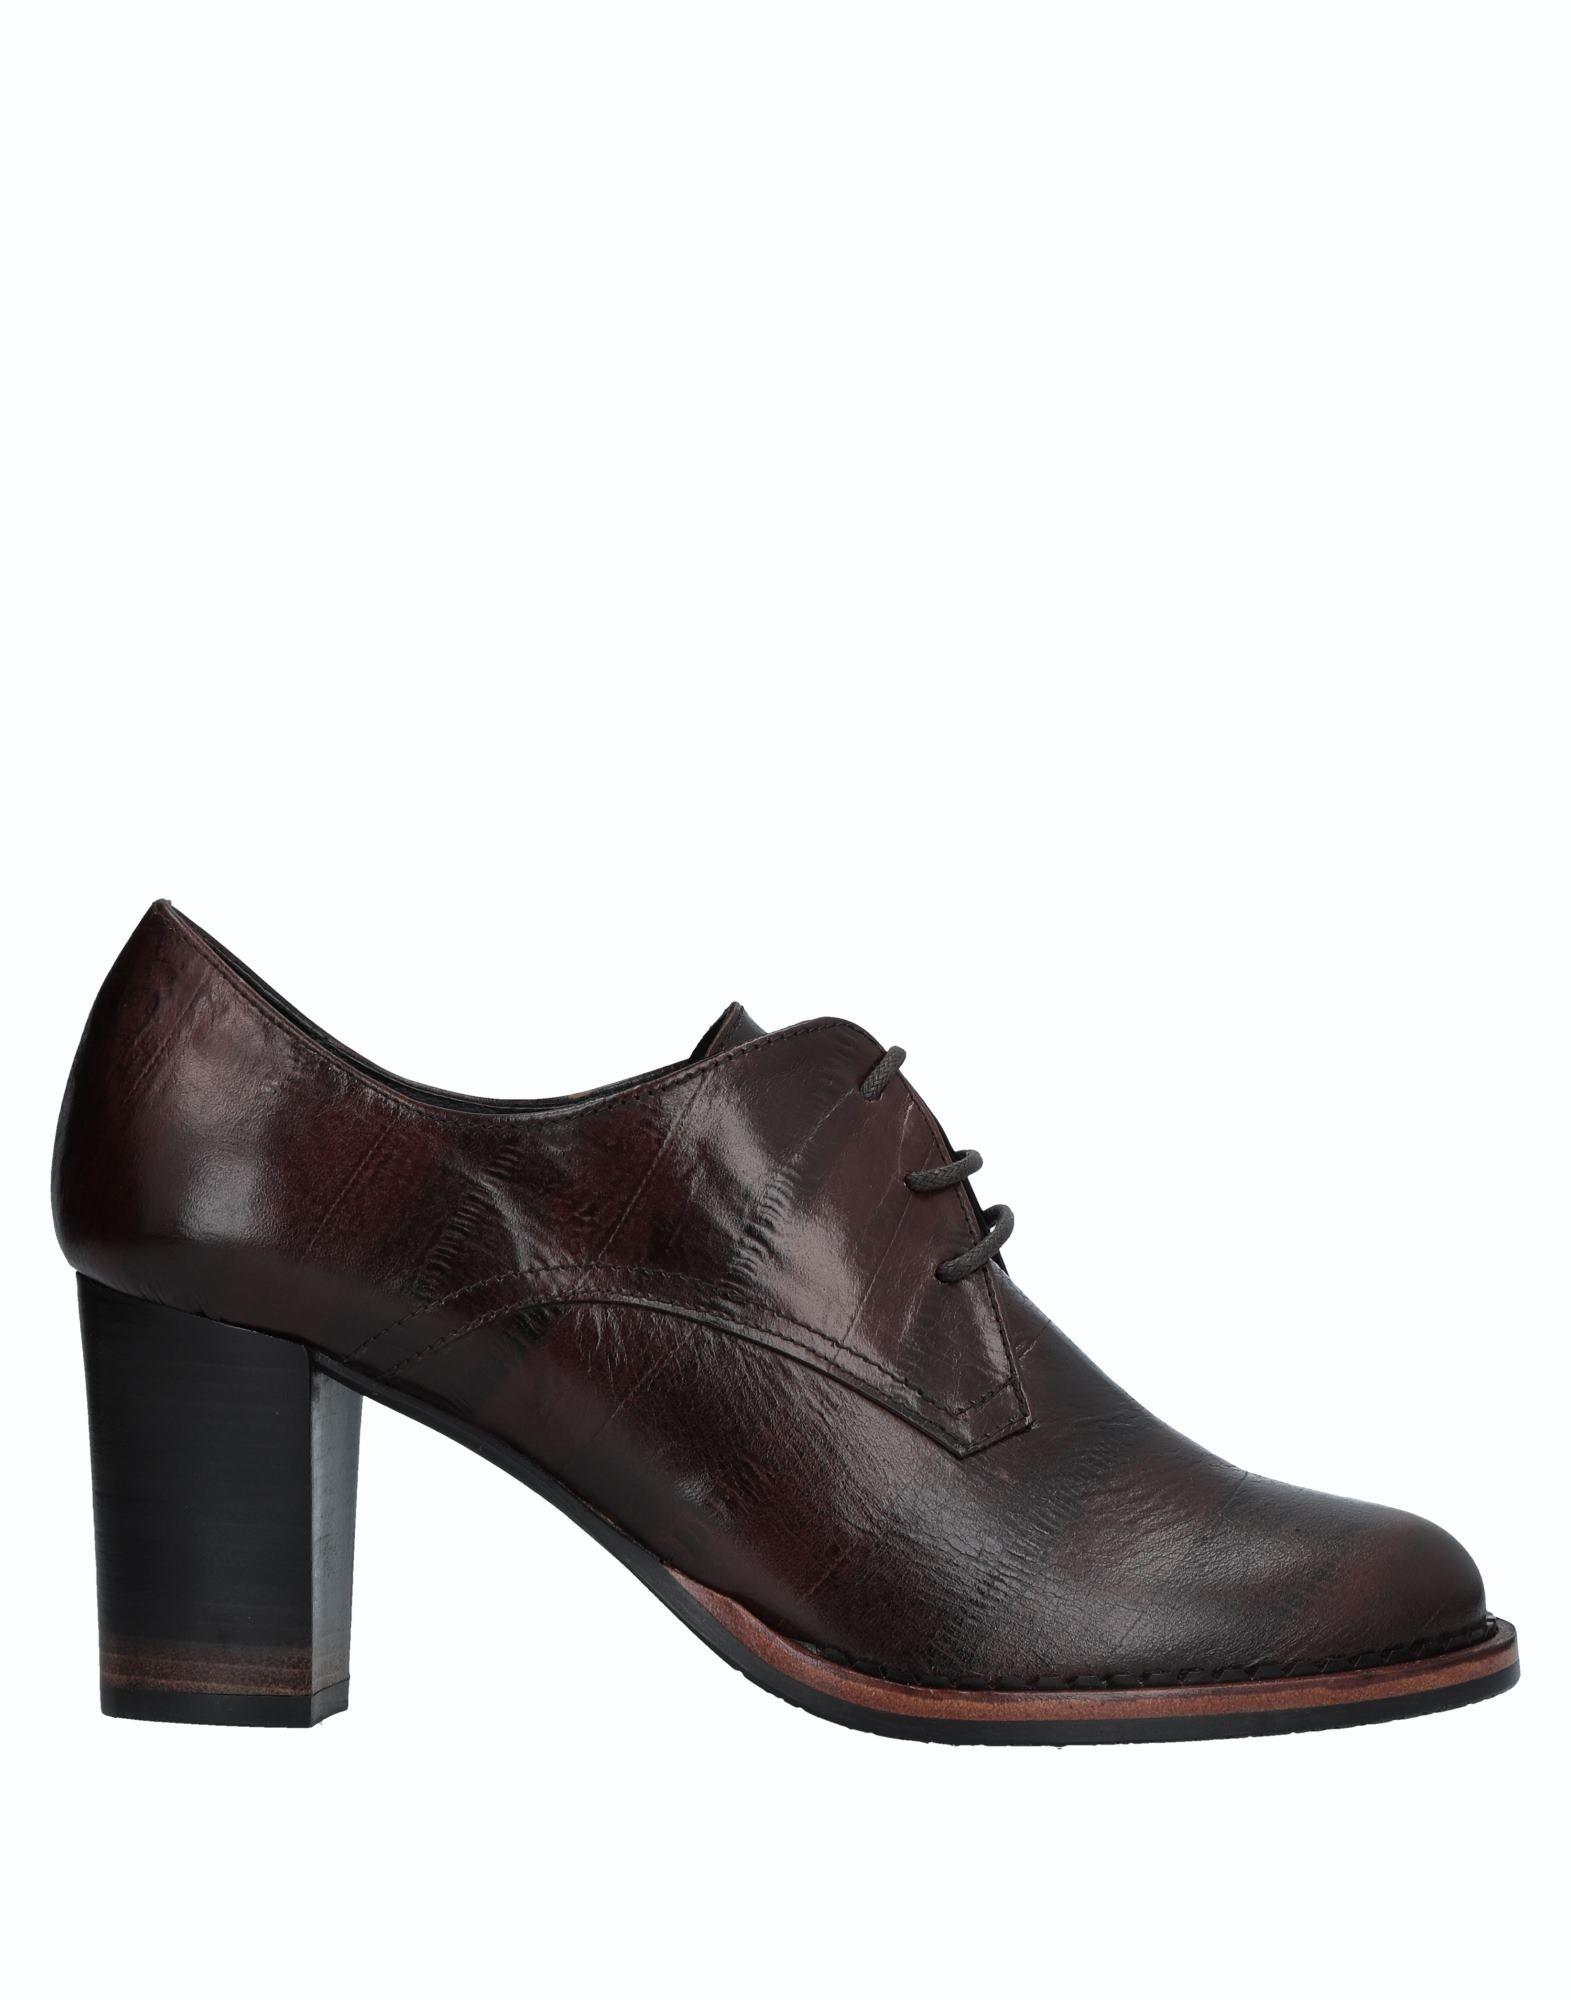 Фото - ZINDA Обувь на шнурках обувь на высокой платформе dkny